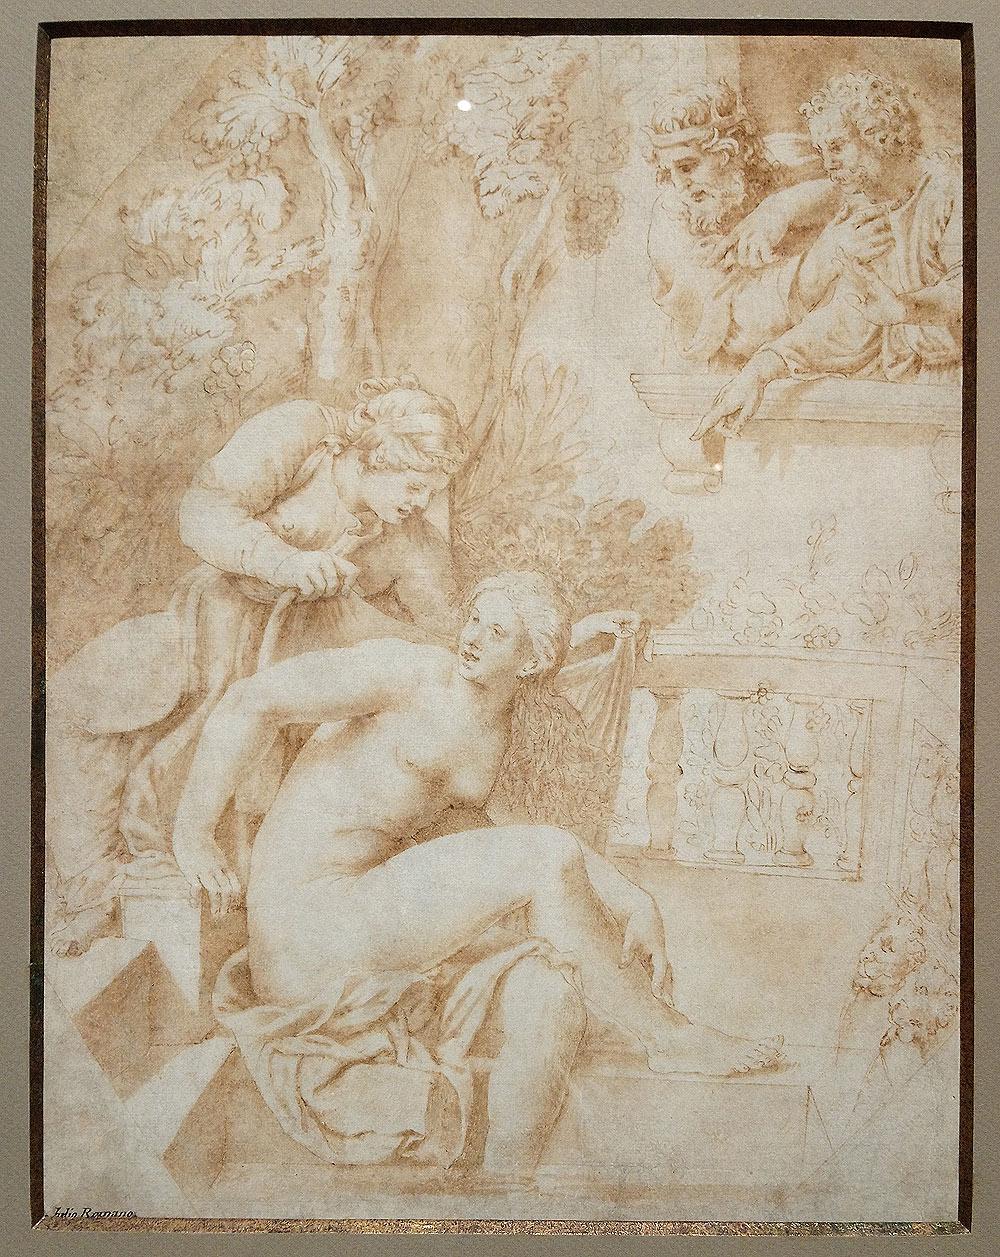 Giulio Romano, David e Betsabea al bagno (1531; penna e inchiostro bruno, pennello e acquerello bruno con tracce di gessetto nero su carta preparata marroncina, 365 x 281 mm; Collezione privata)